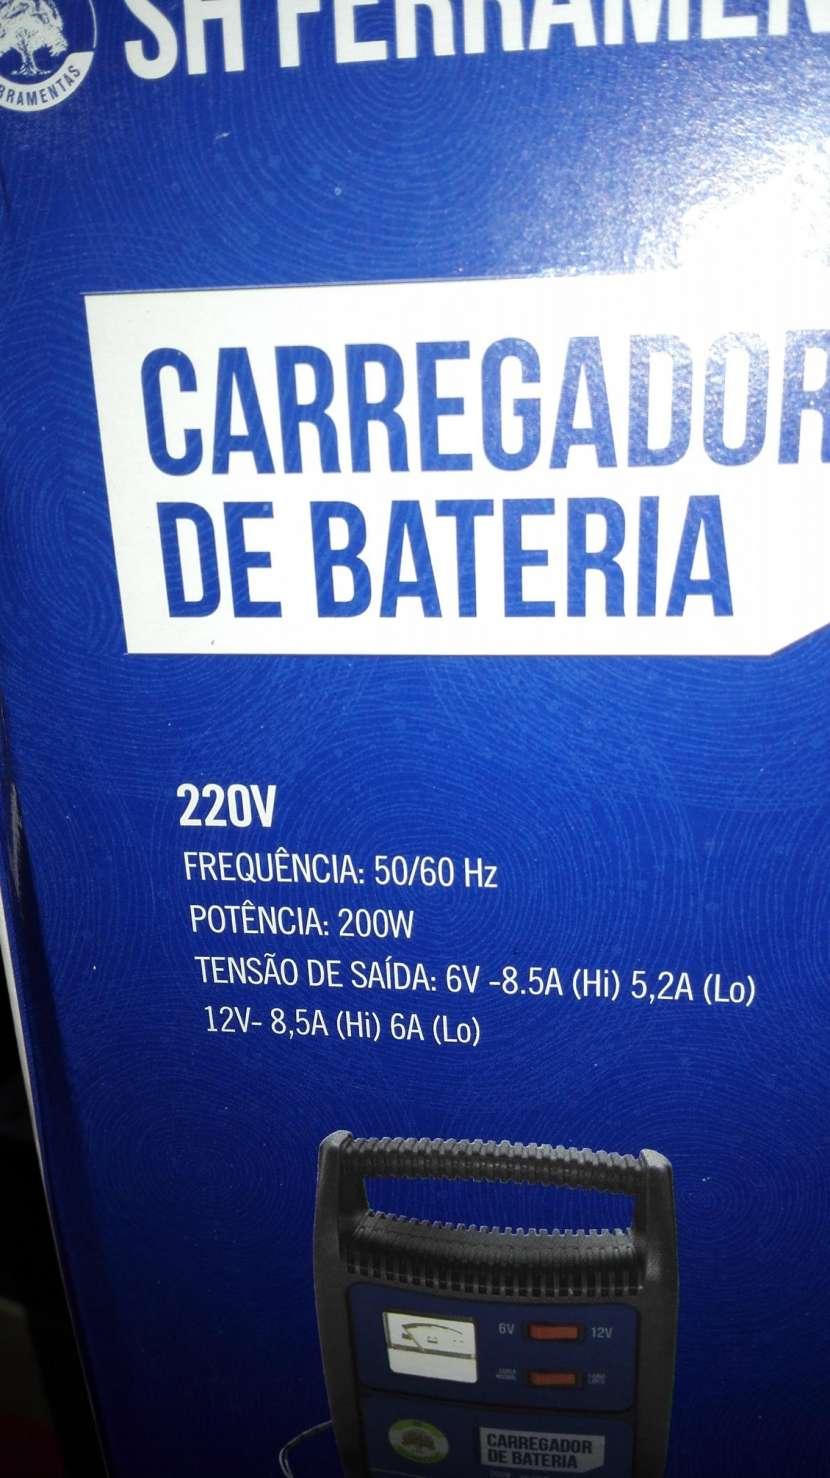 Cargador de bateria grande - 2